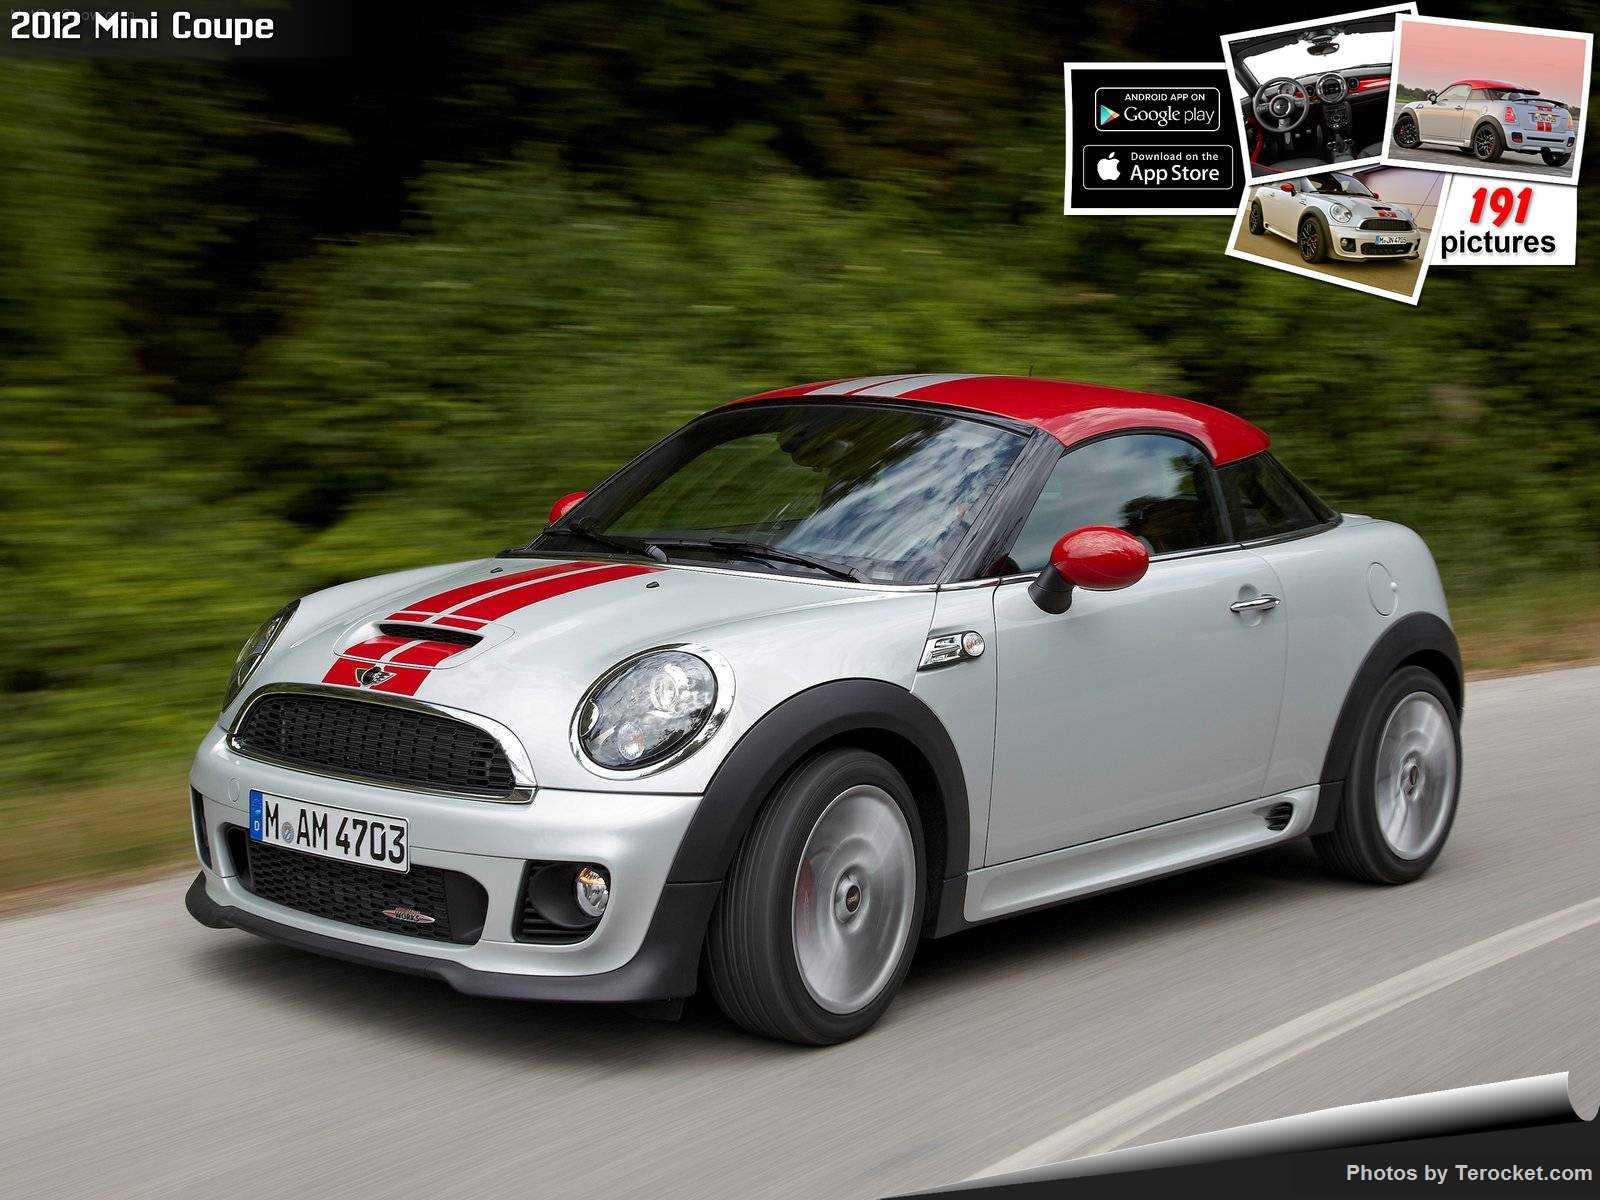 Hình ảnh xe ô tô Mini Coupe 2012 & nội ngoại thất